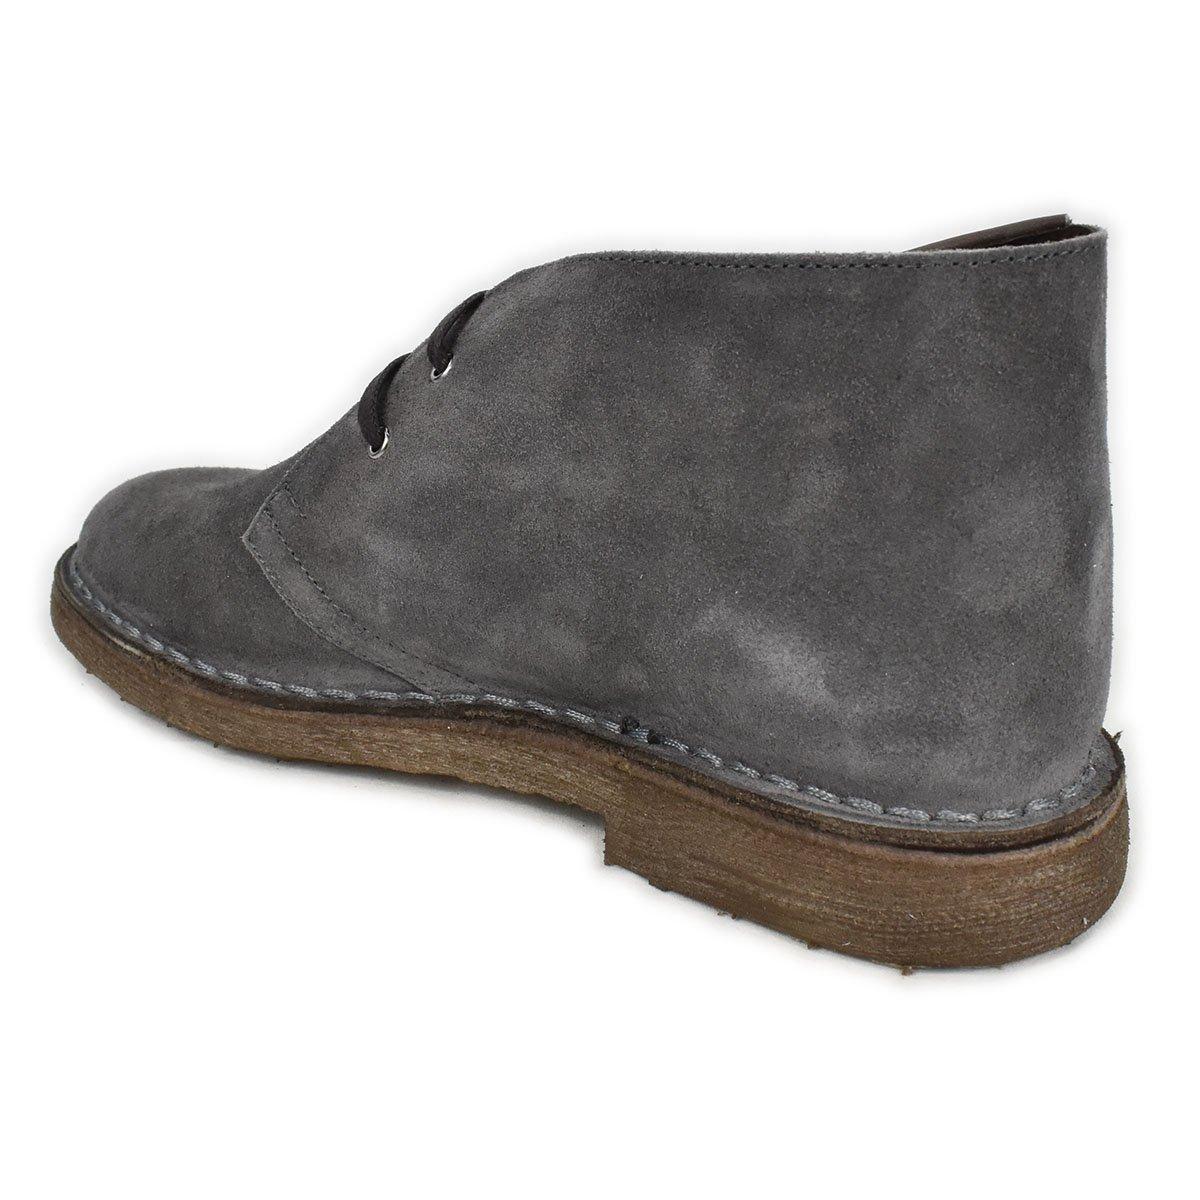 Polacchino scamosciato grigio antracite - CafèNoir FTD673